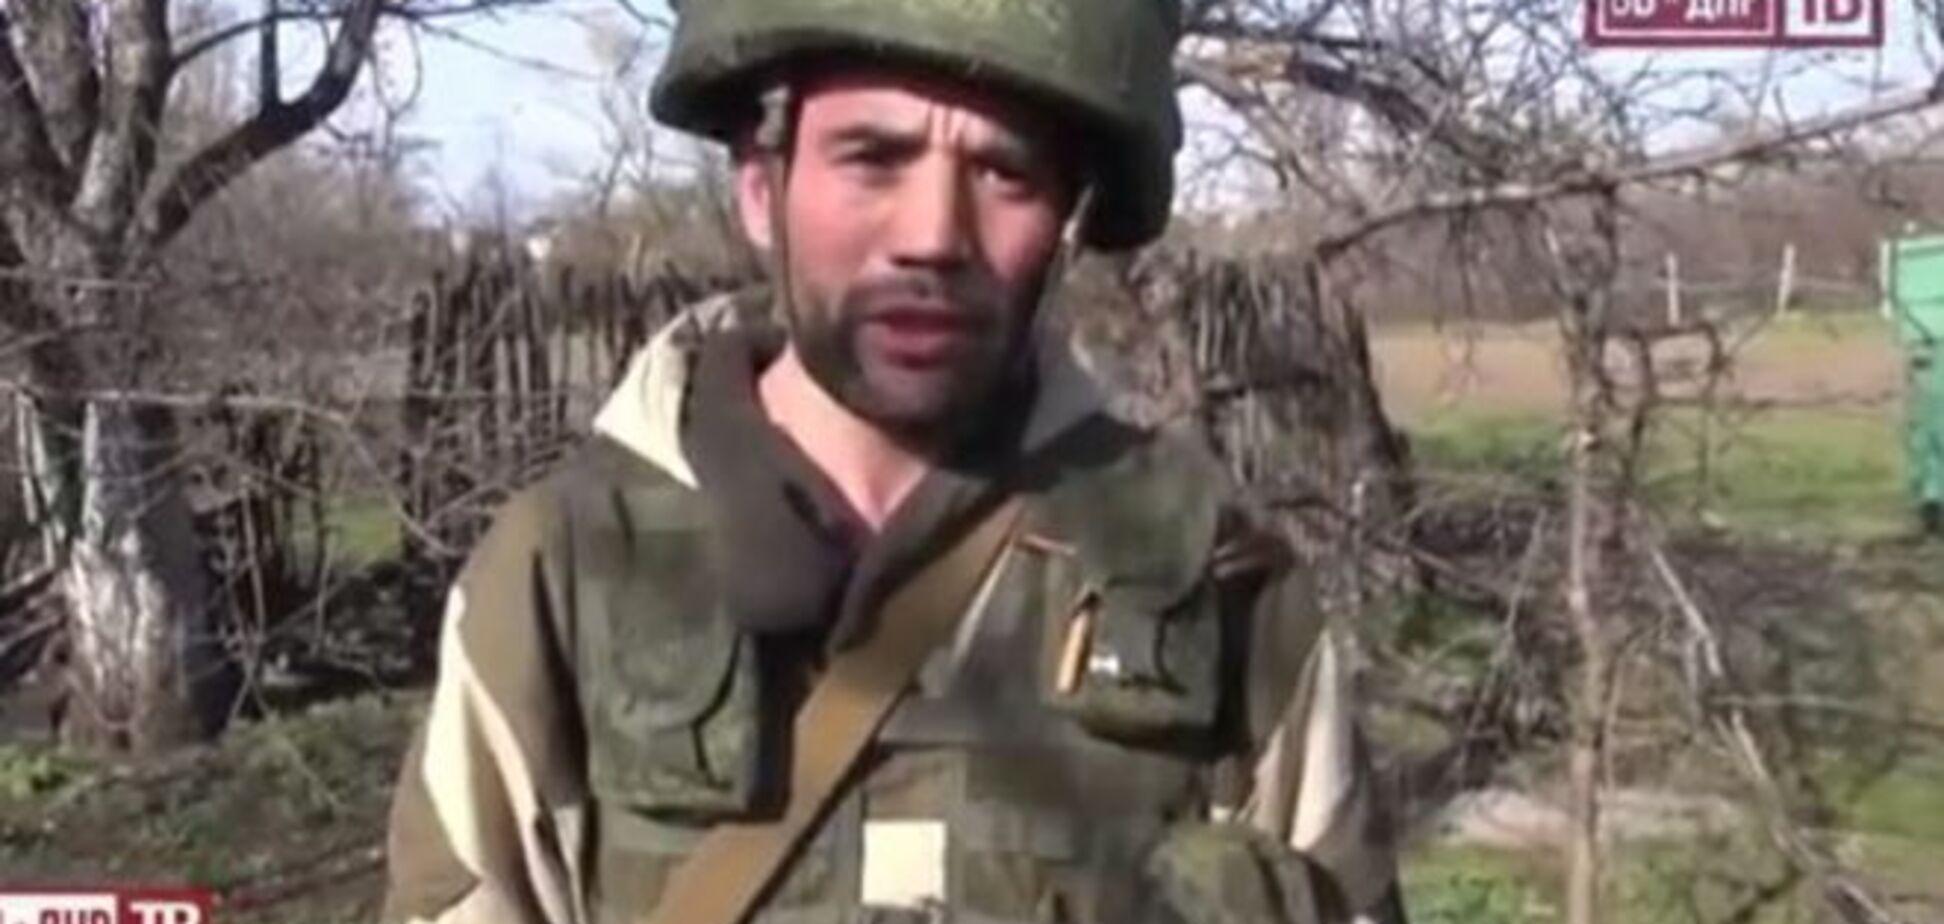 Найманець 'Узбек' приїхав на Донбас за 'укрофашистами', у яких 'незрозумілий' Бог: опубліковано відео